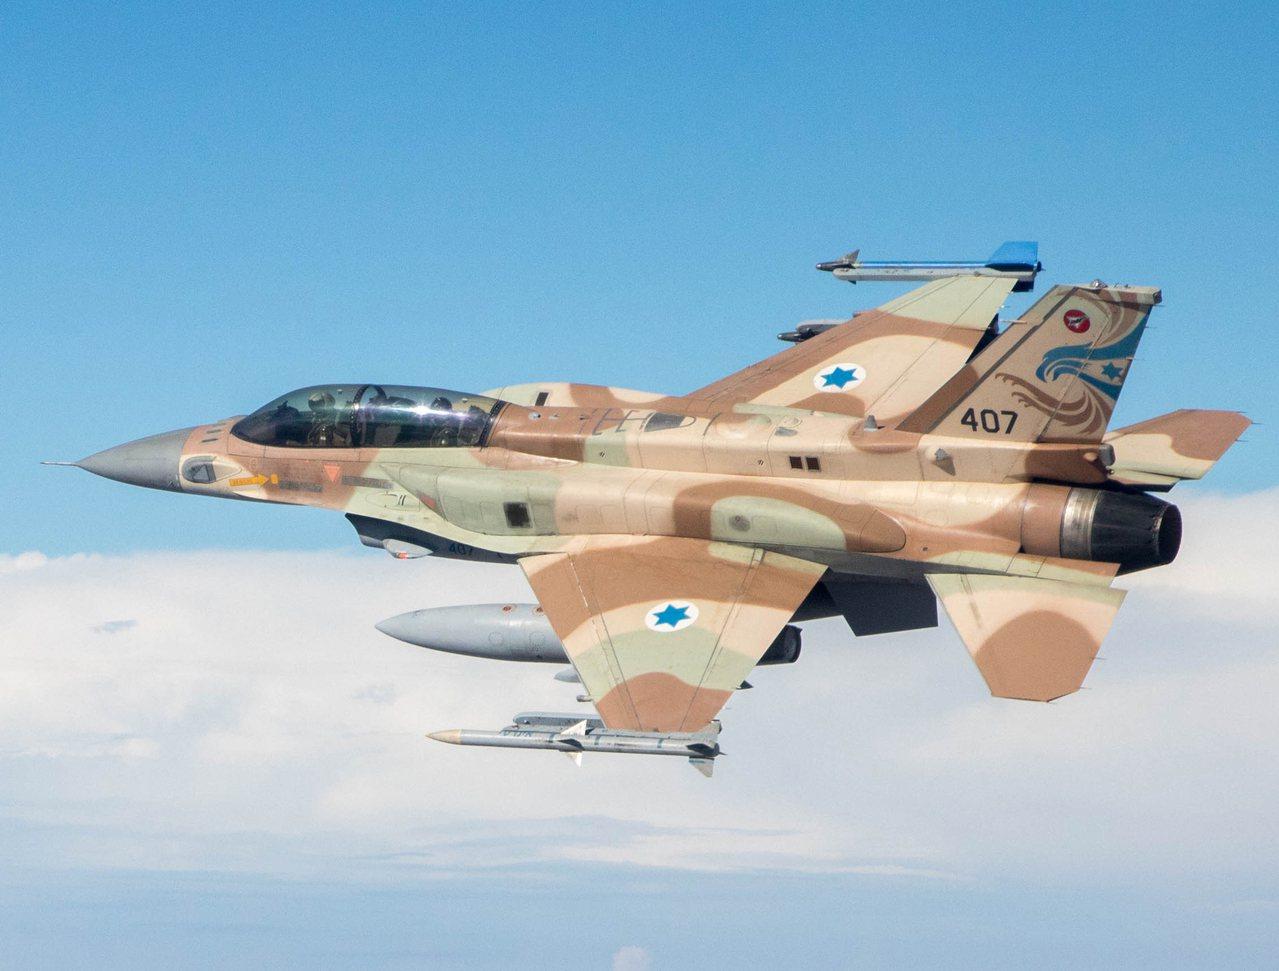 以色列空軍的雙座F-16,同樣採用「駝背」造型。圖/維基百科共享資源